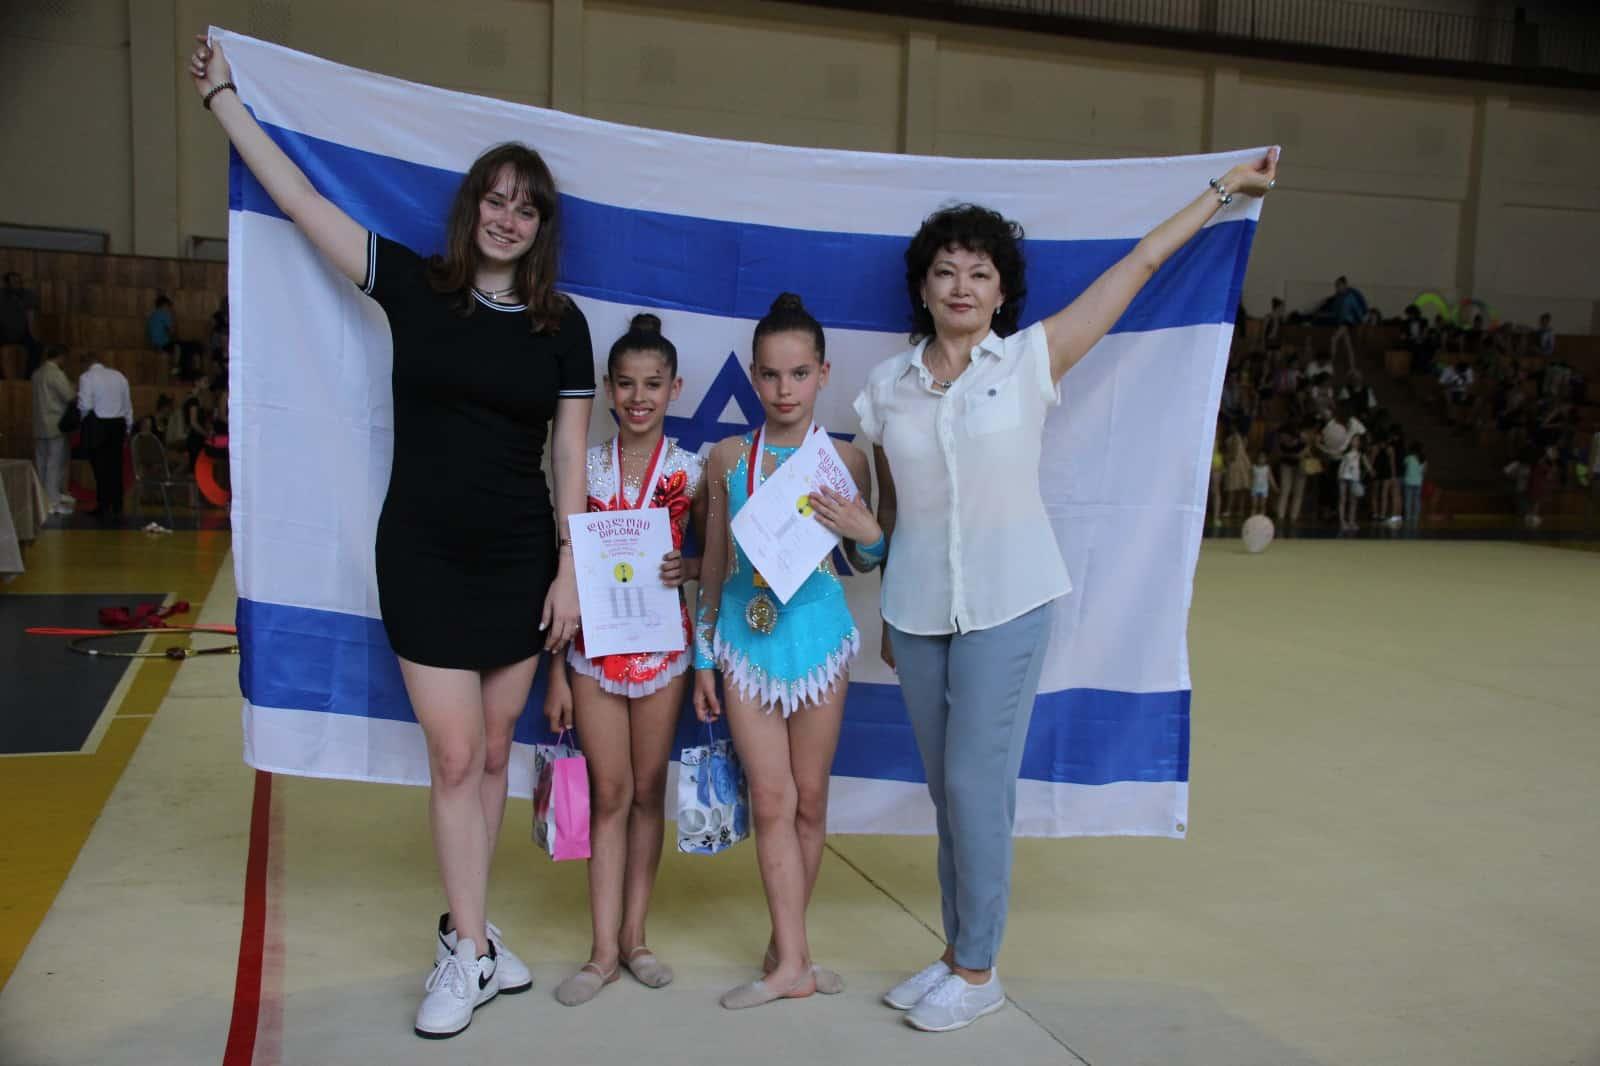 הישגים לבנות גבעתיים בתחרות בינלאומית, צילום: העמותה לקידום הספורט בגבעתיים